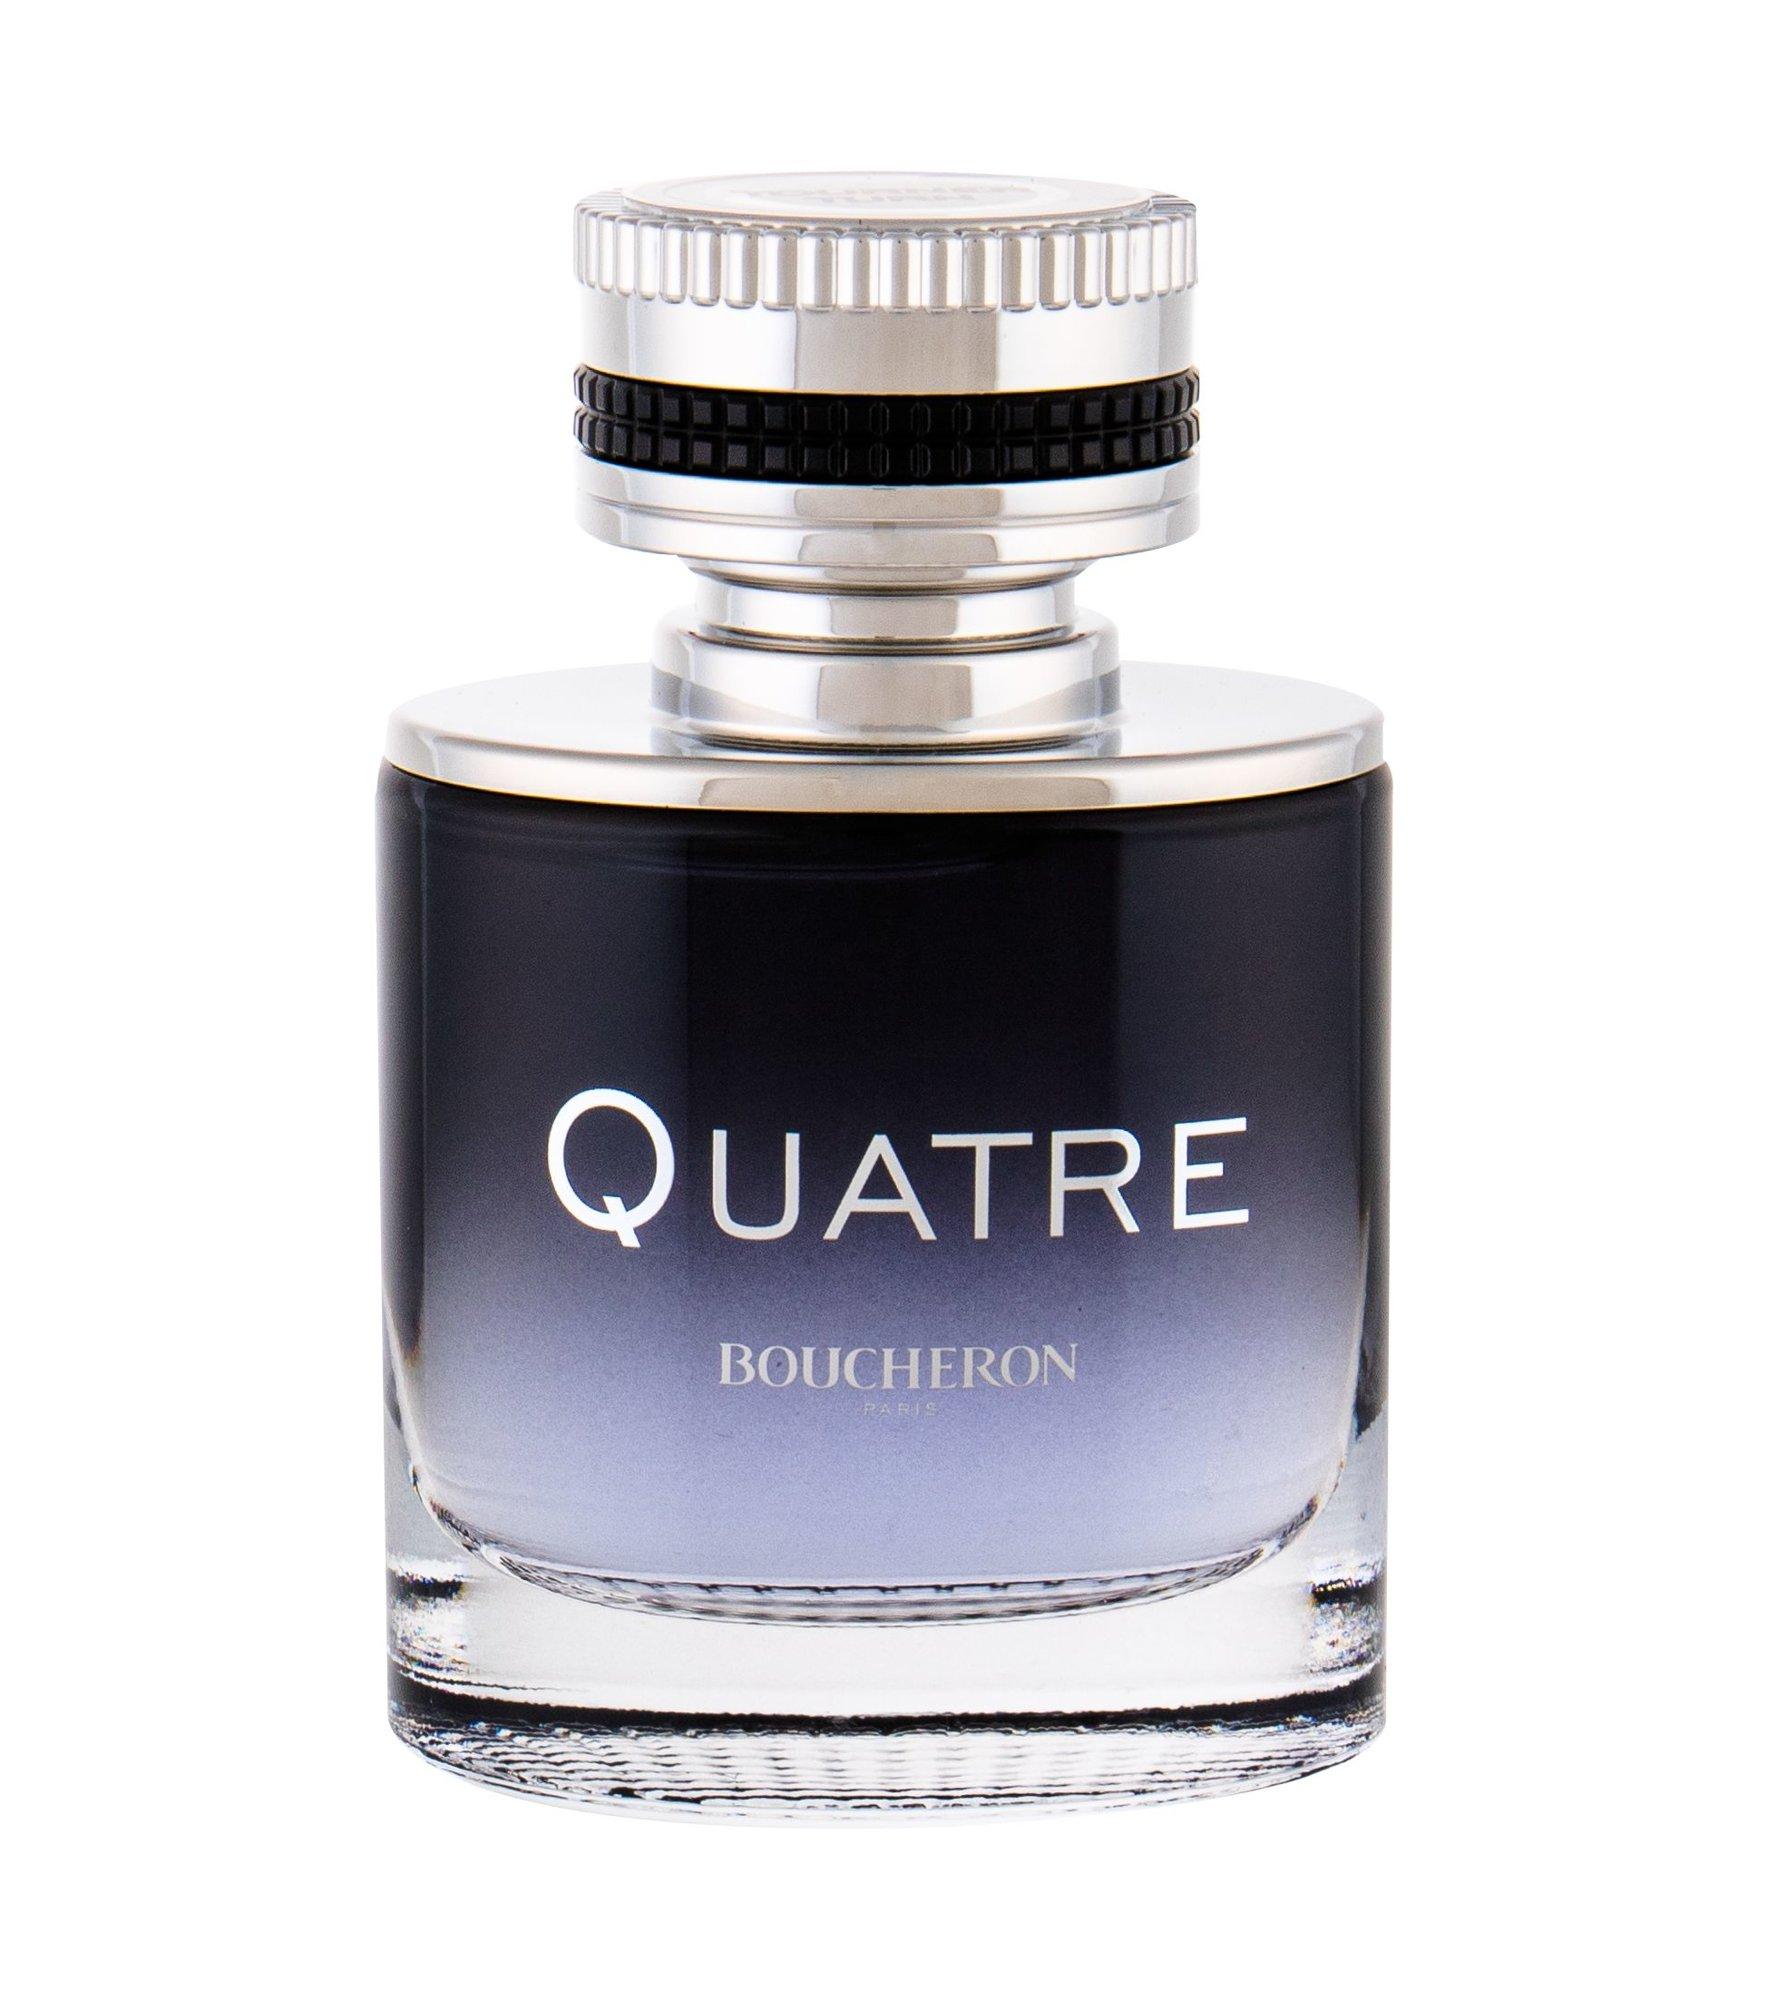 Boucheron Boucheron Quatre Pour Homme Eau de Parfum 50ml